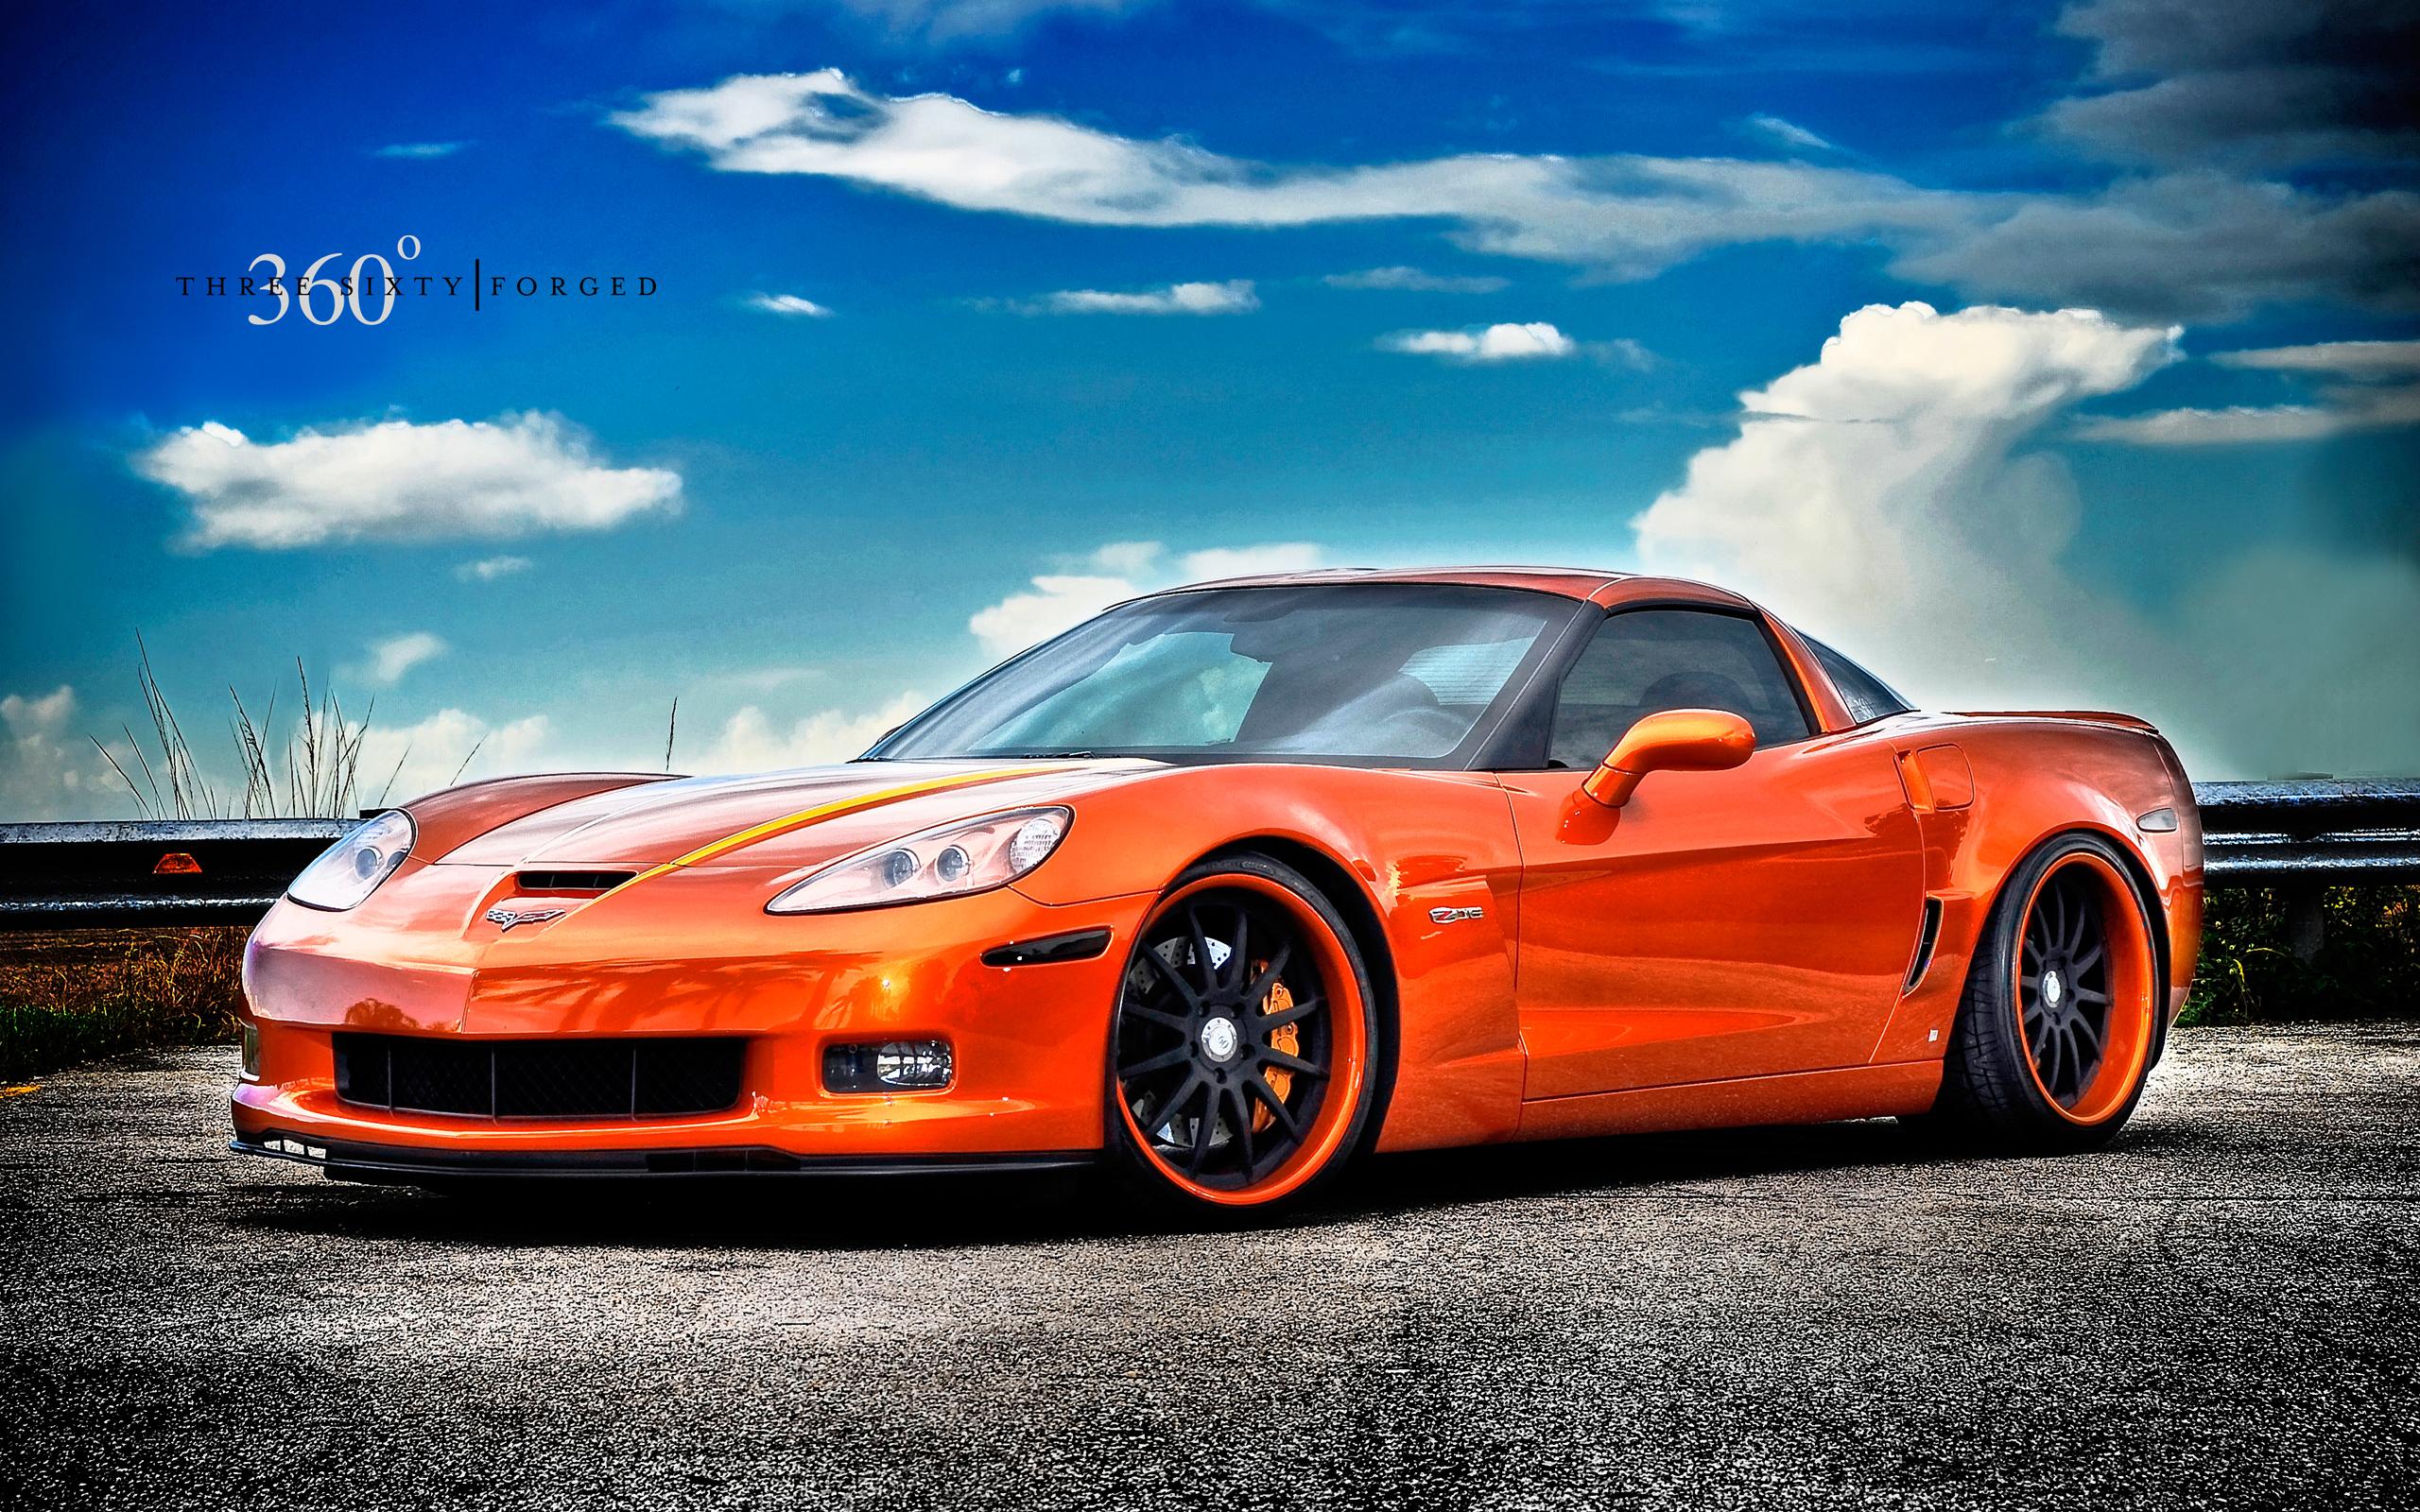 C6 z06 wallpaper wallpapersafari - Corvette c6 wallpaper ...